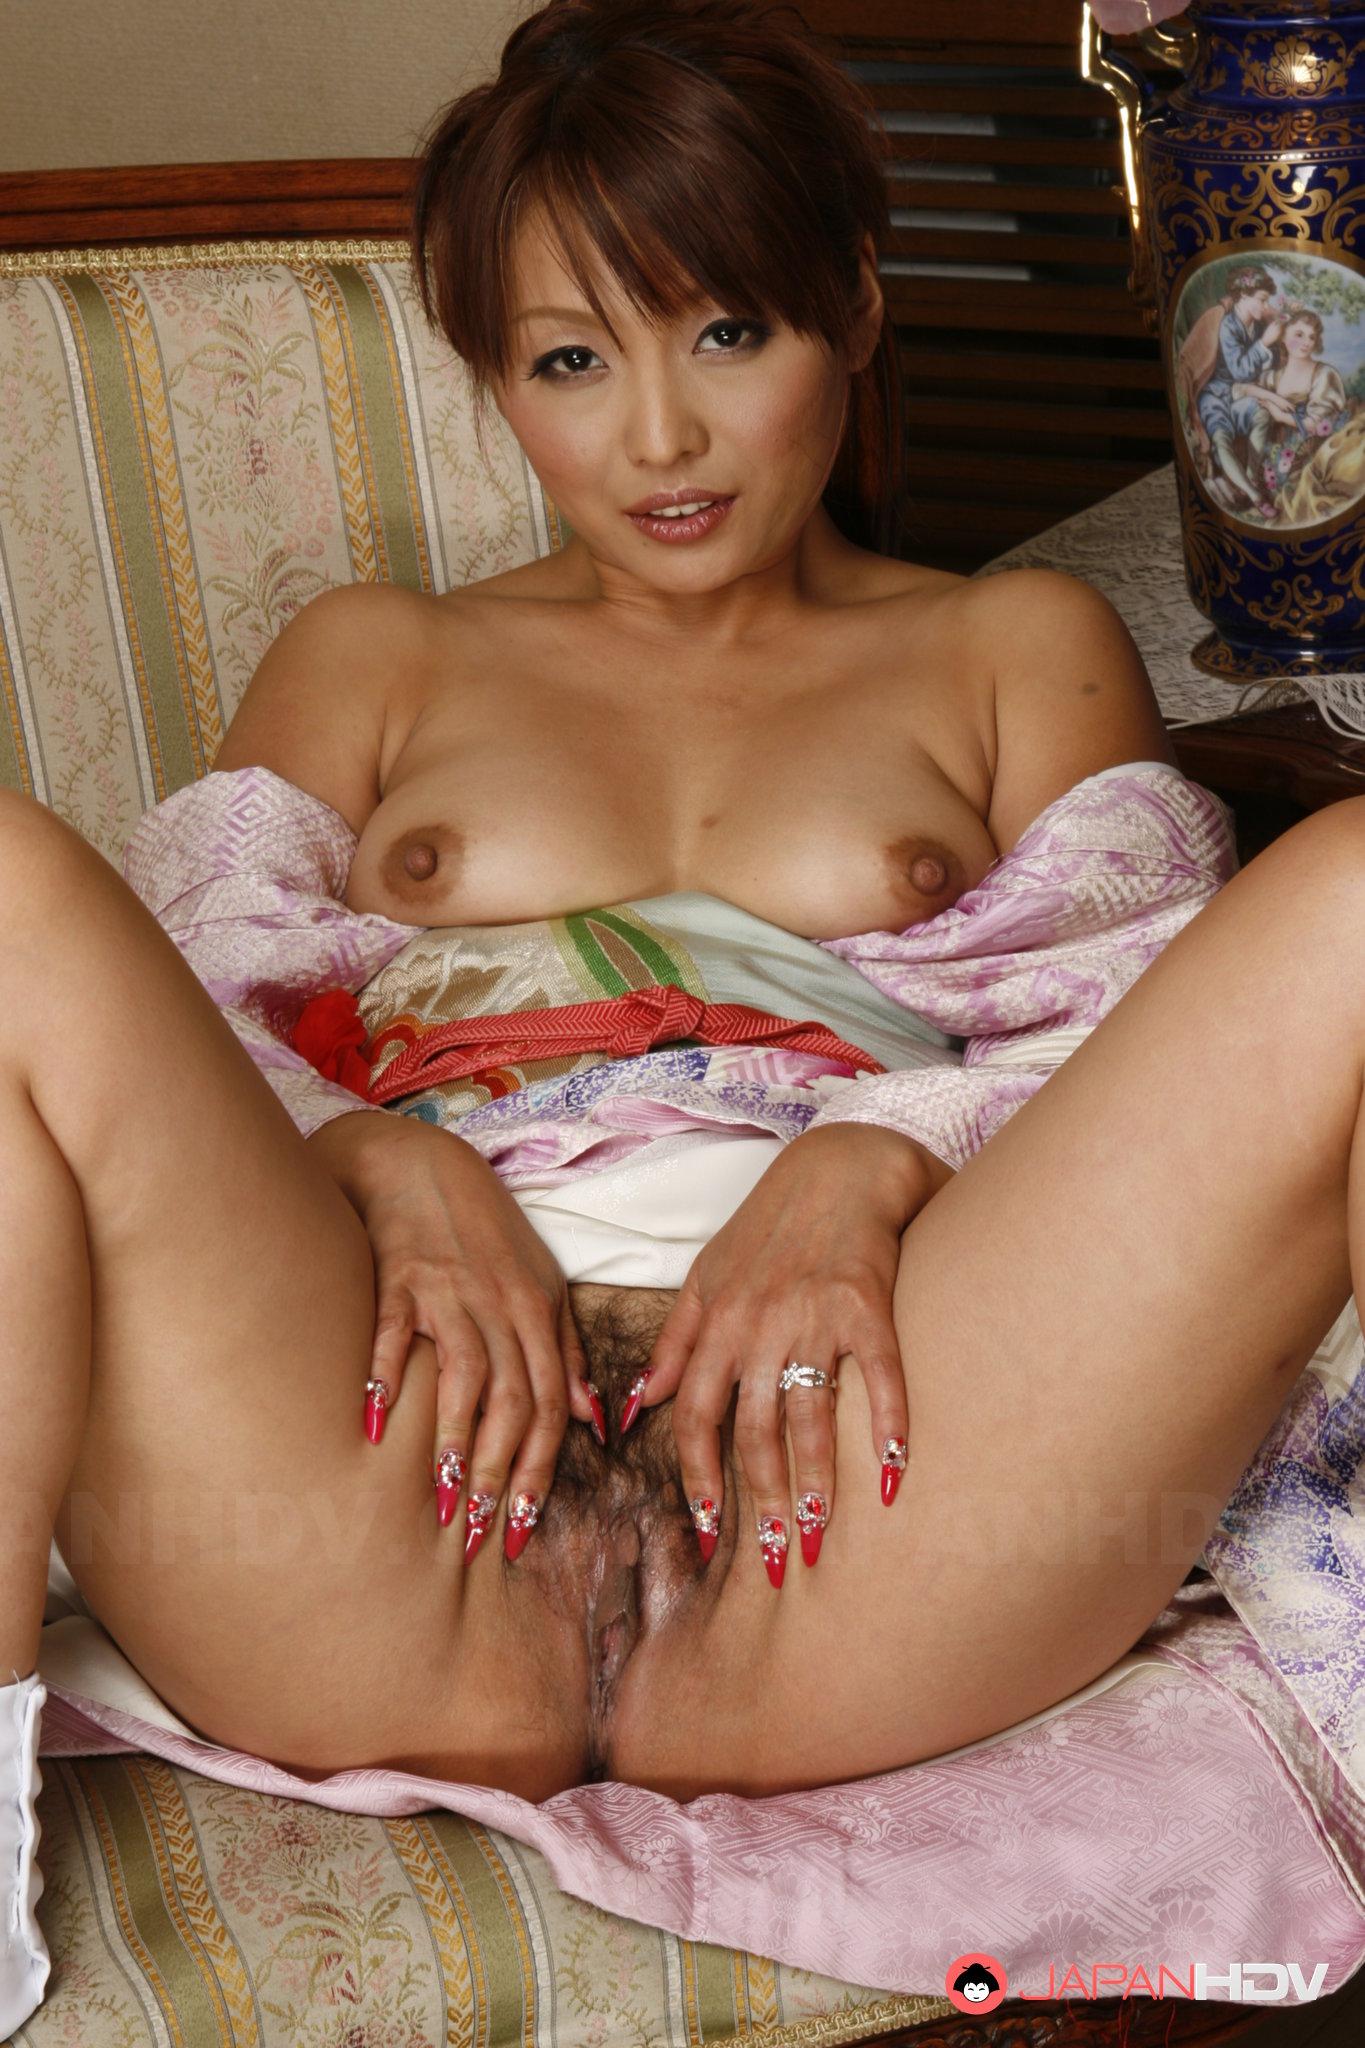 black girl big ass anal sex